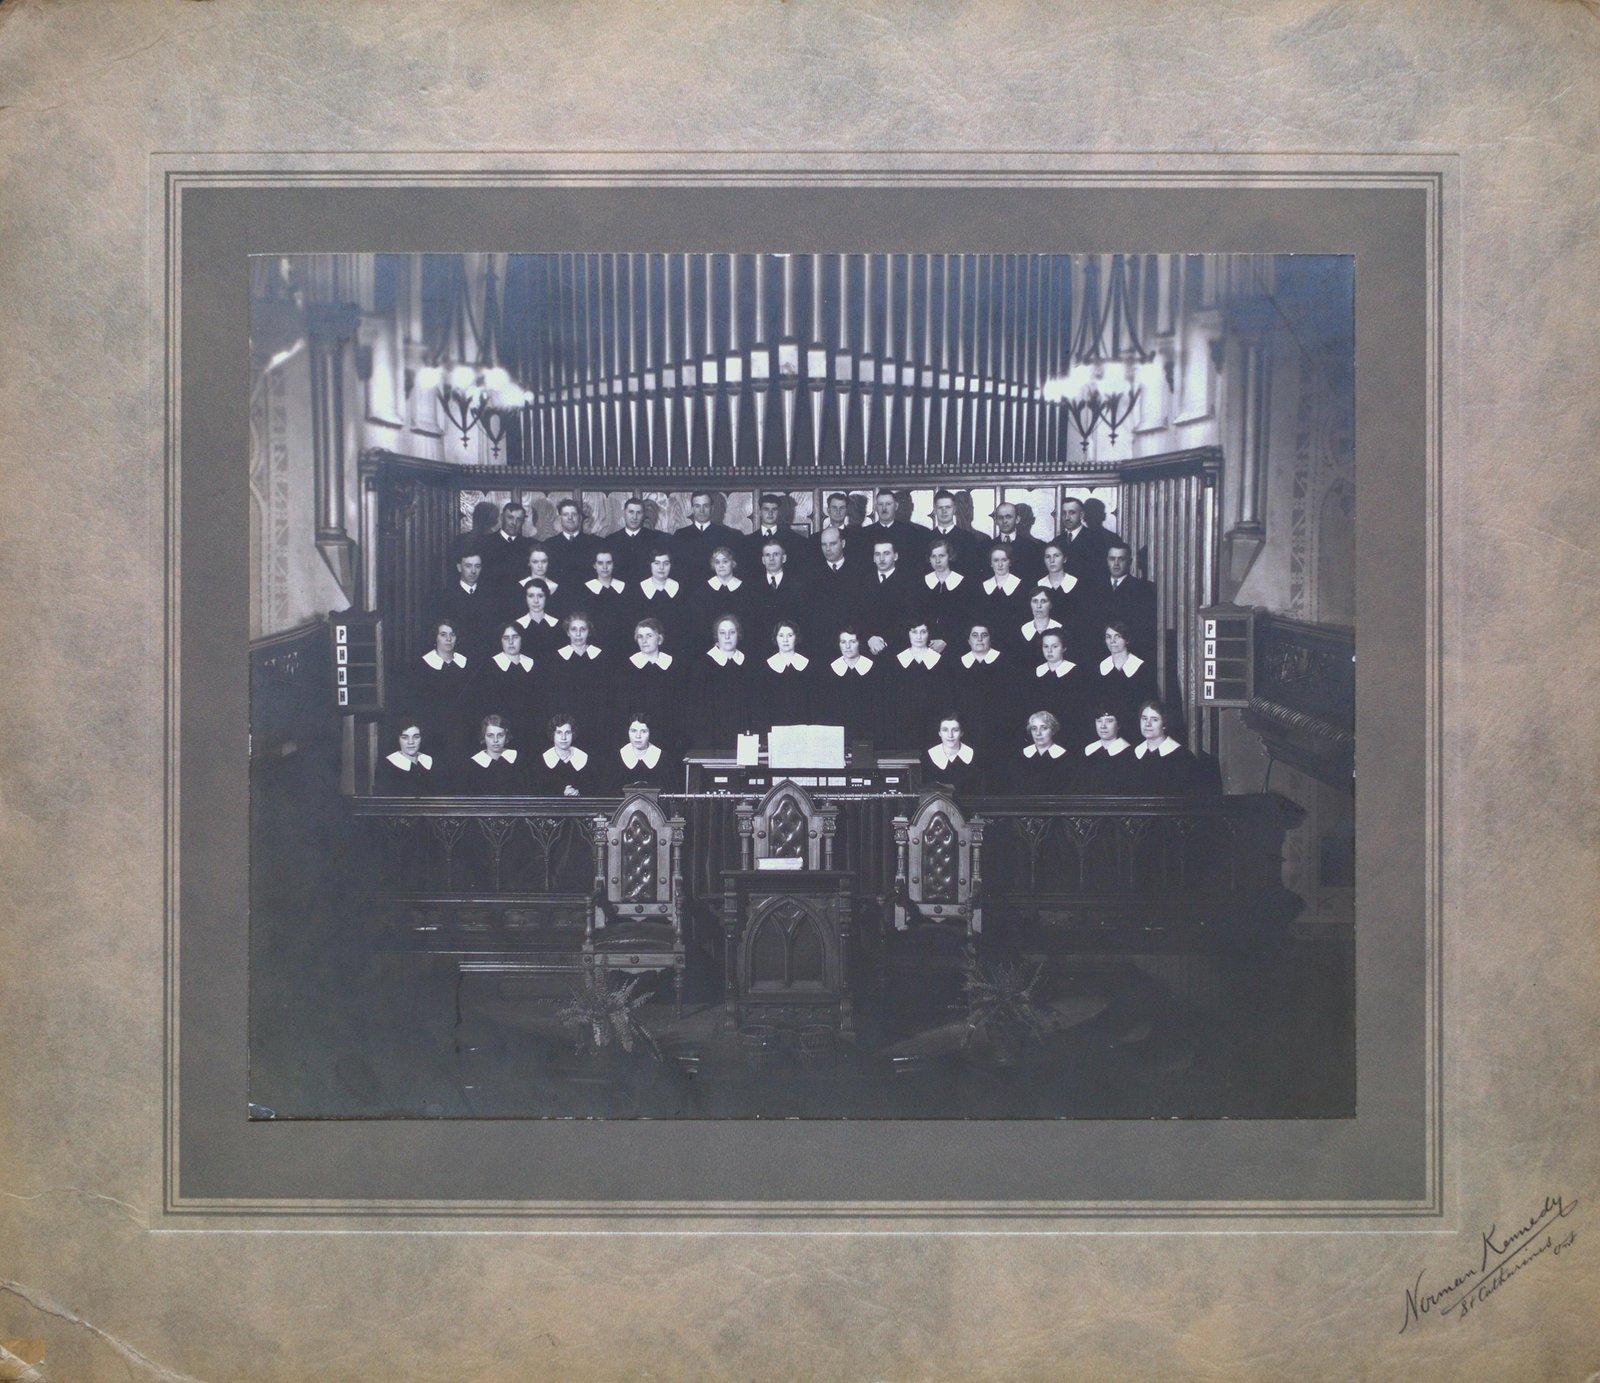 Welland Avenue United Church Choir